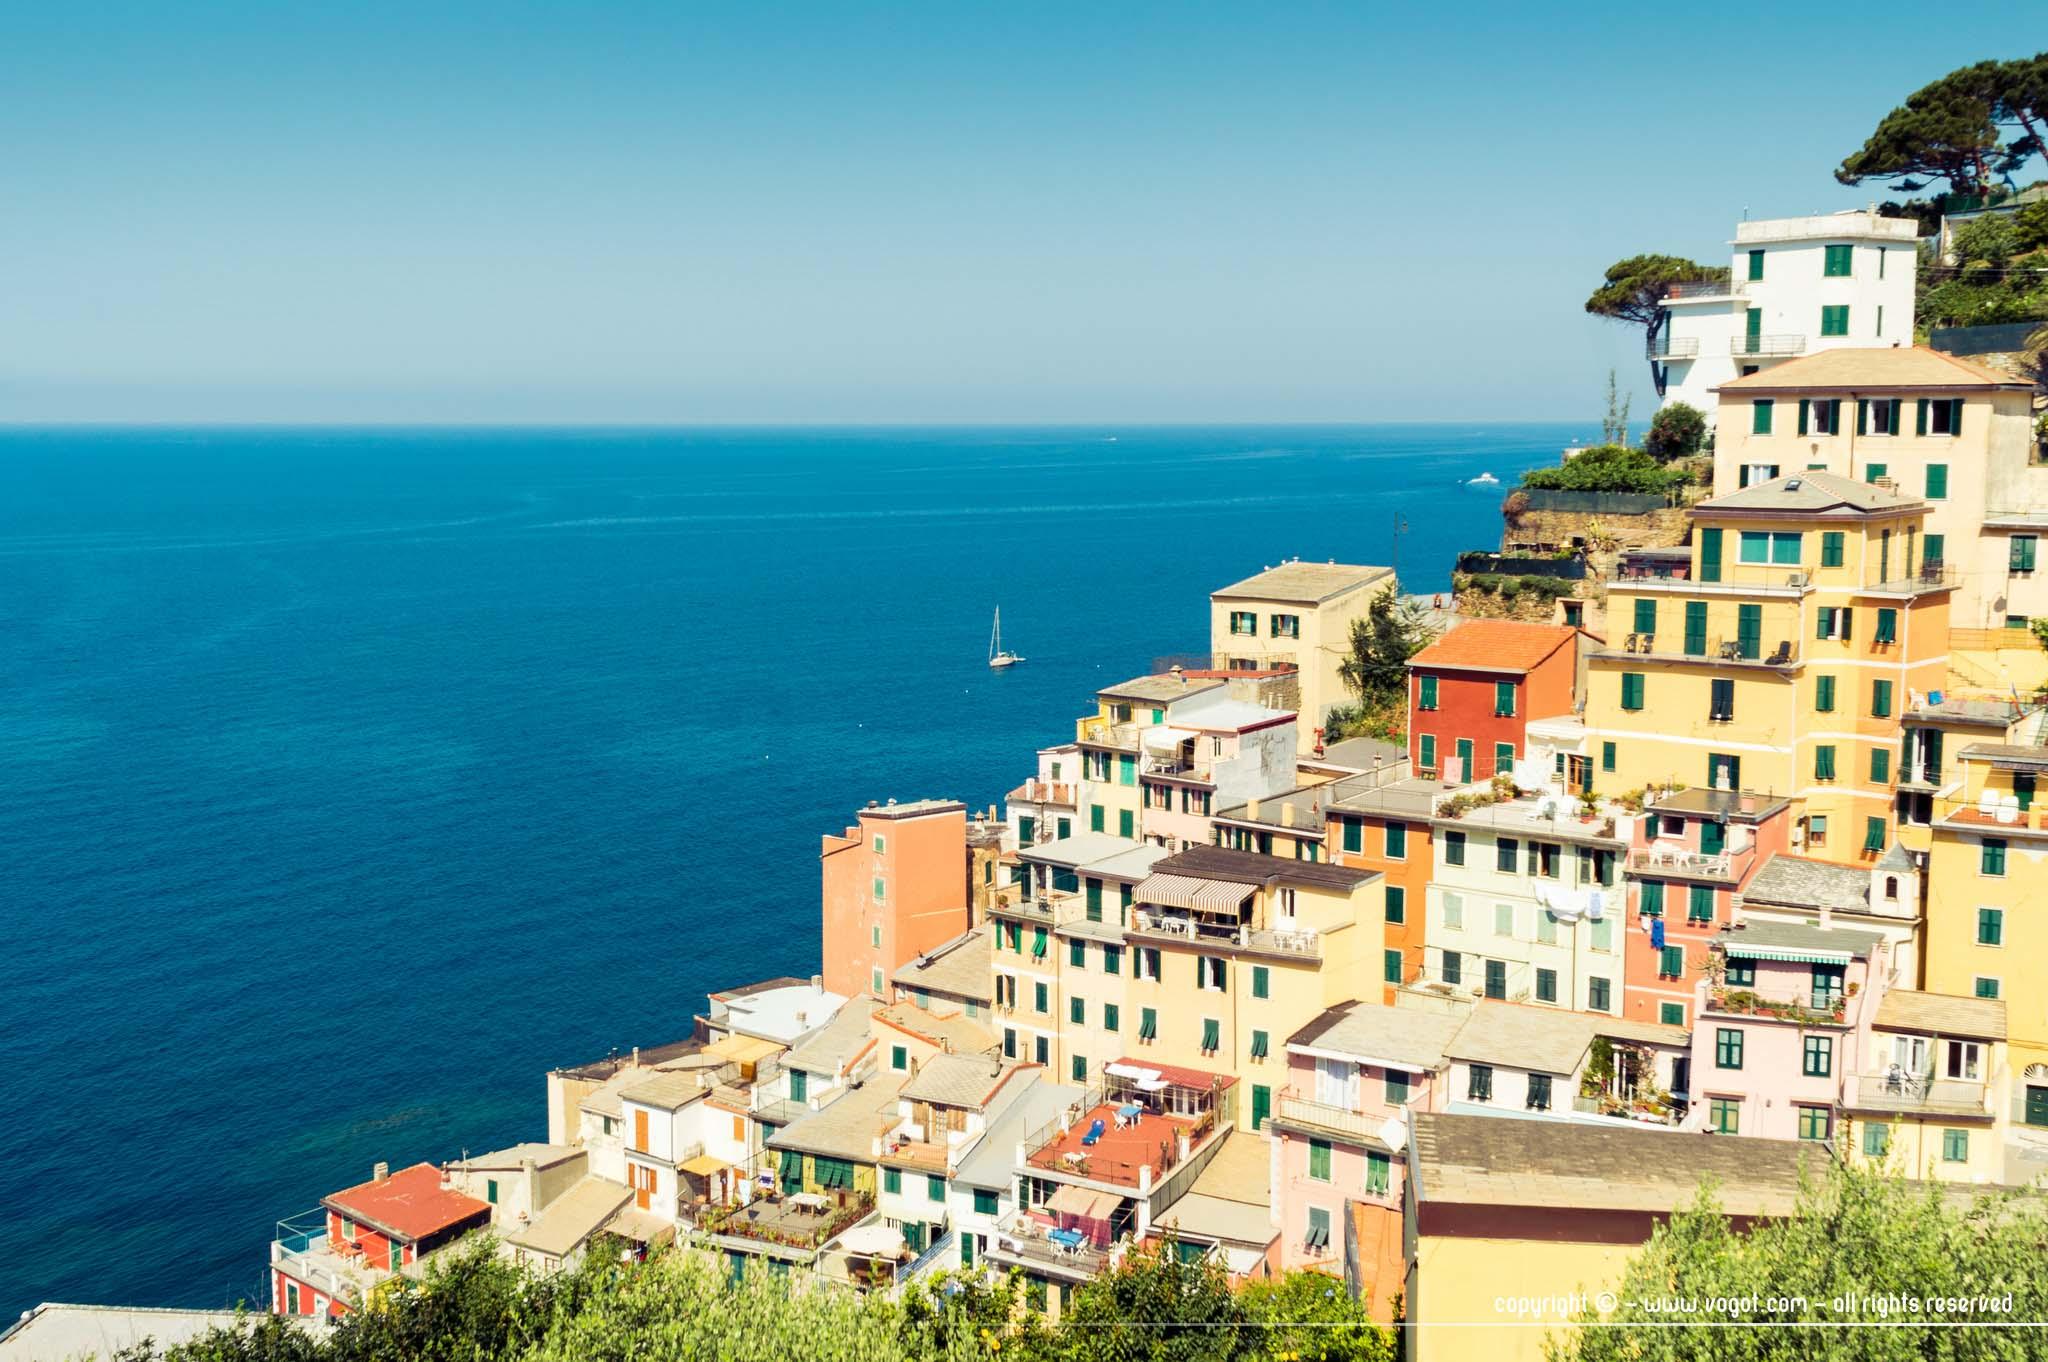 Les habitations colorées et lumineuses de Riomaggiore sur la Méditerranée